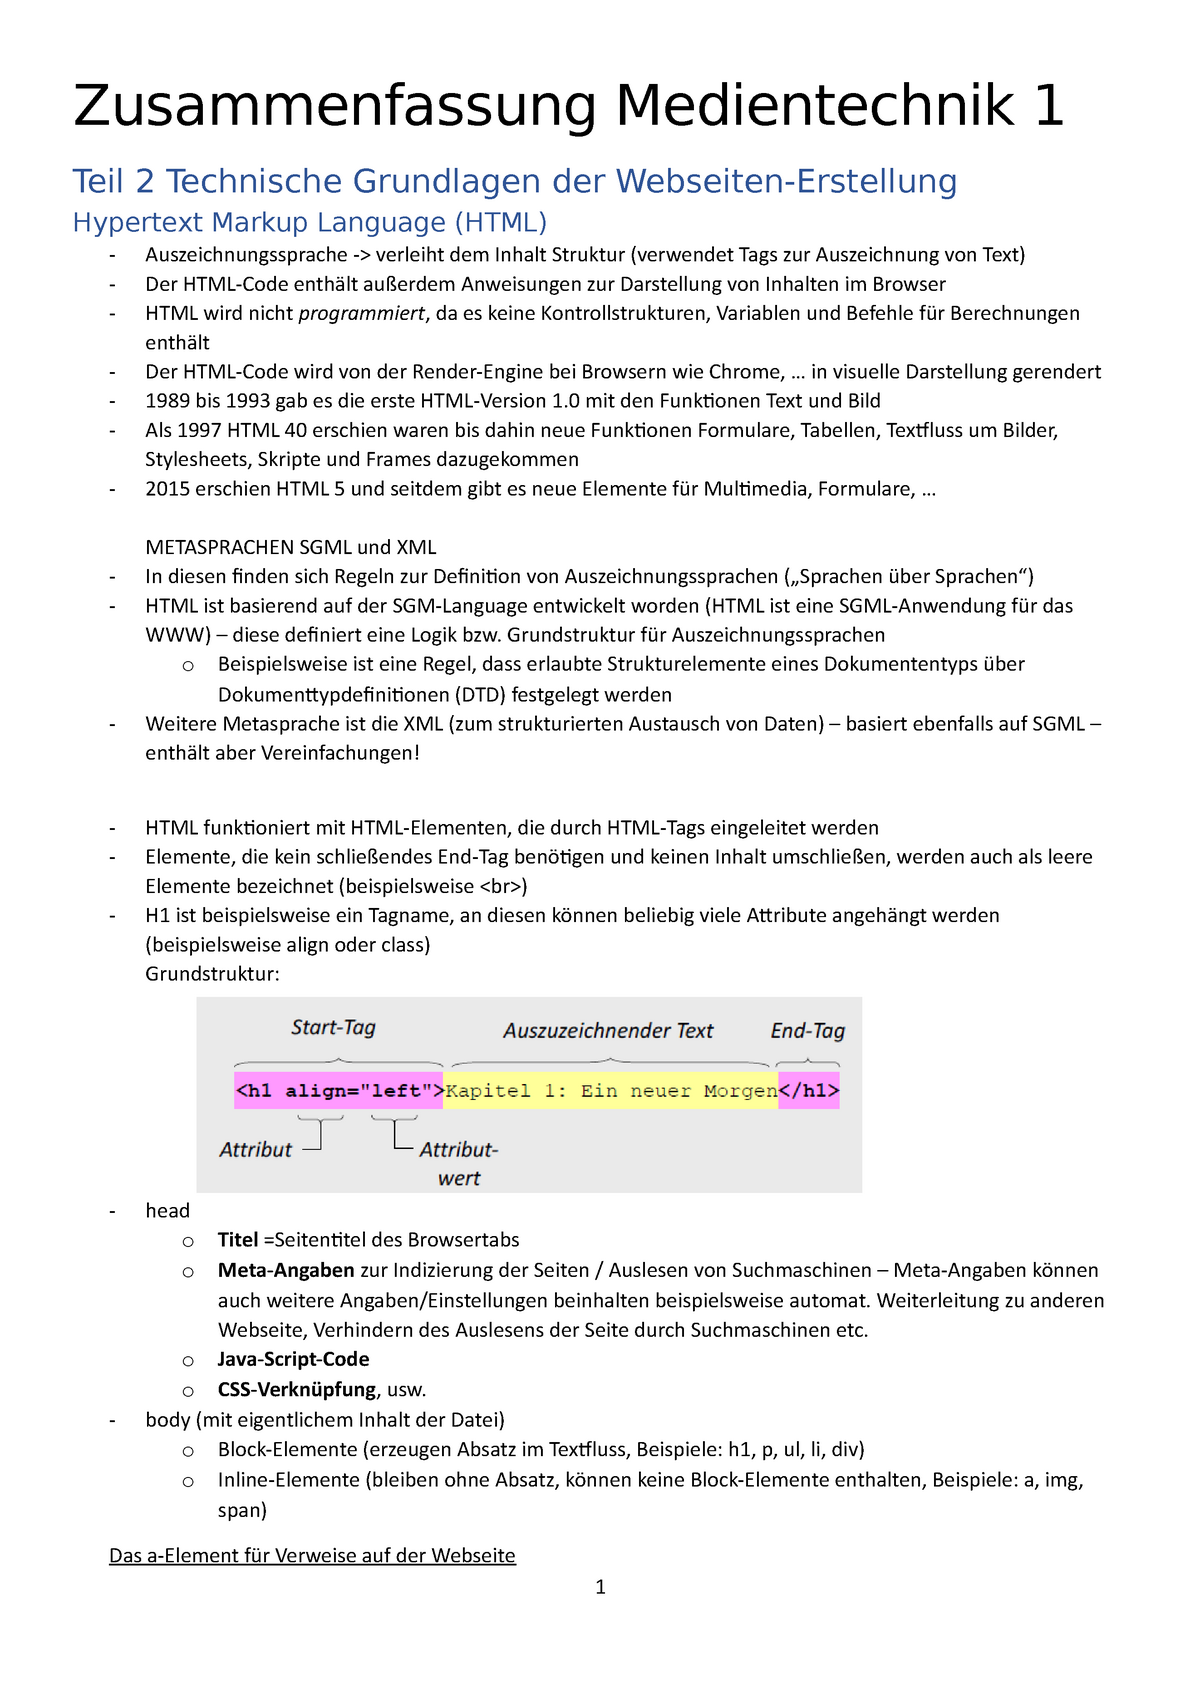 Zusammenfassung Teil 20 Technische Grundlagen der ...